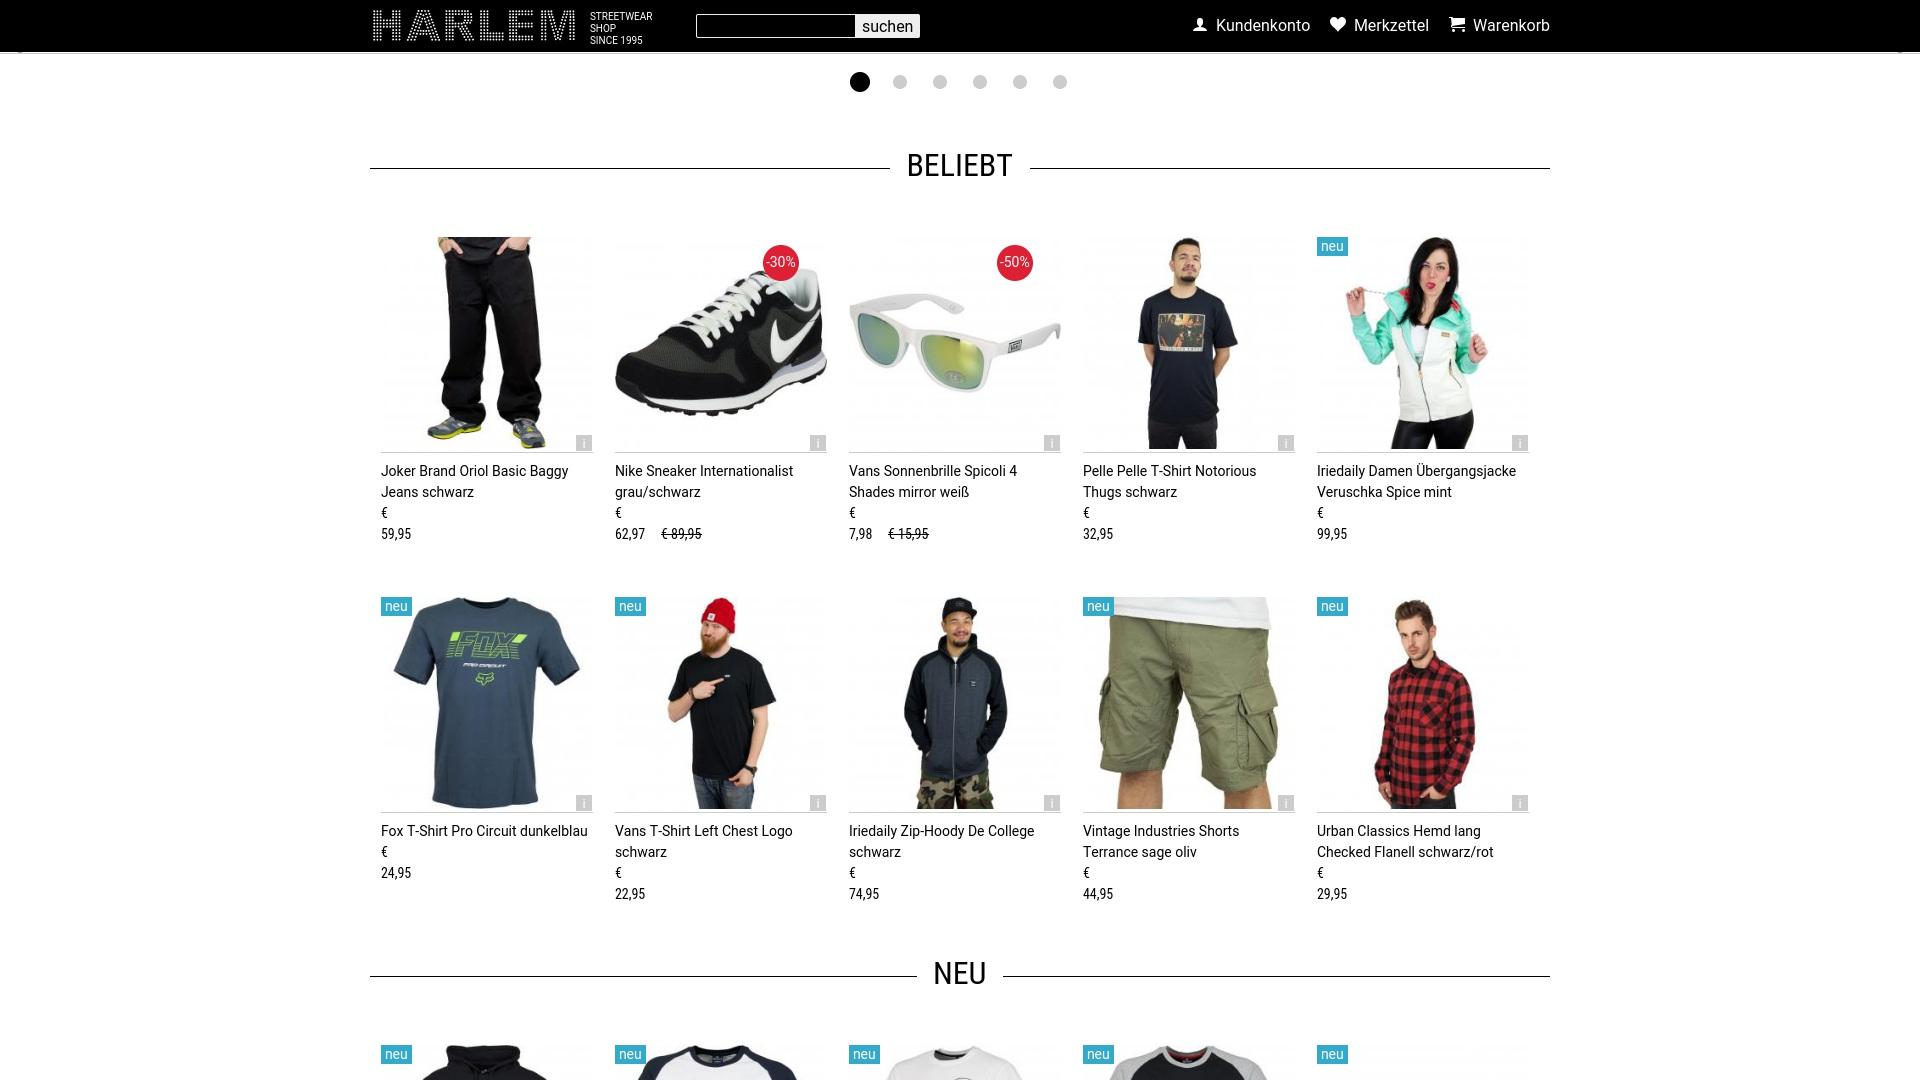 Gutschein für Harlem-stores: Rabatte für  Harlem-stores sichern